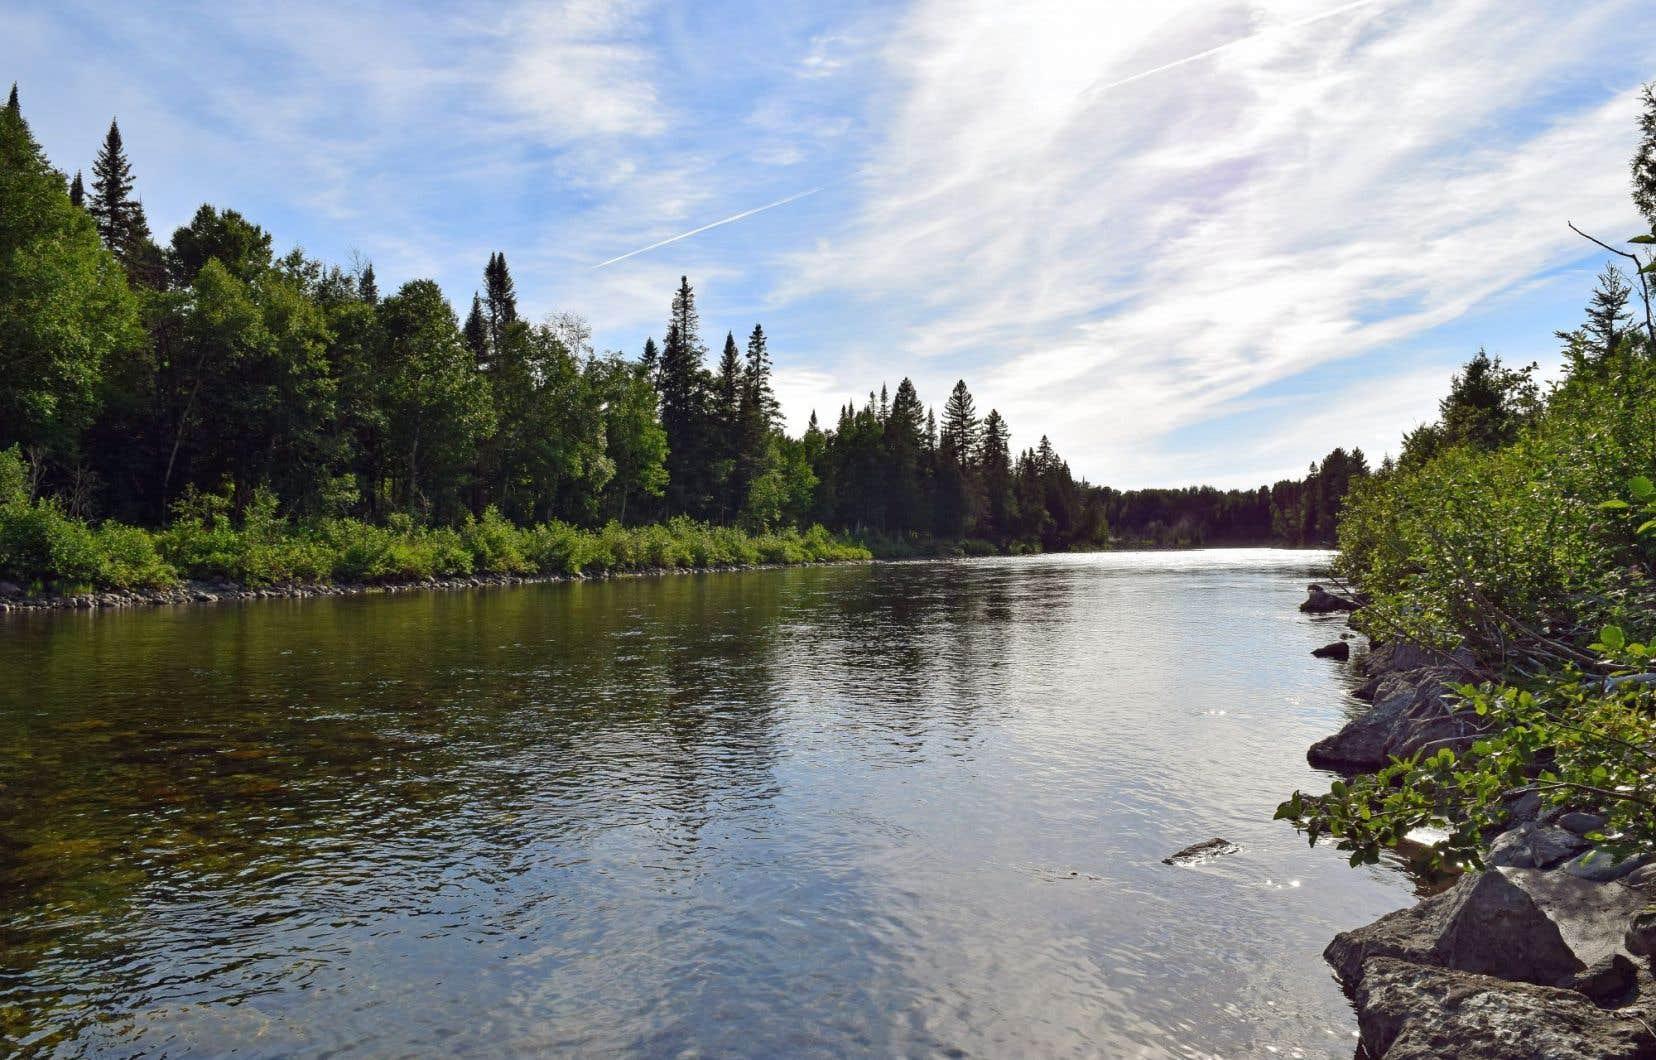 L'étendue des permis d'exploration pétrolière et gazière en vigueur au Québec est telle qu'elle recouvre même le territoire de quatre réserves fauniques, révélait cette semaine «Le Devoir». Ici, la réserve des Chic-Chocs, qui s'étend aux limites du parc national de la Gaspésie.